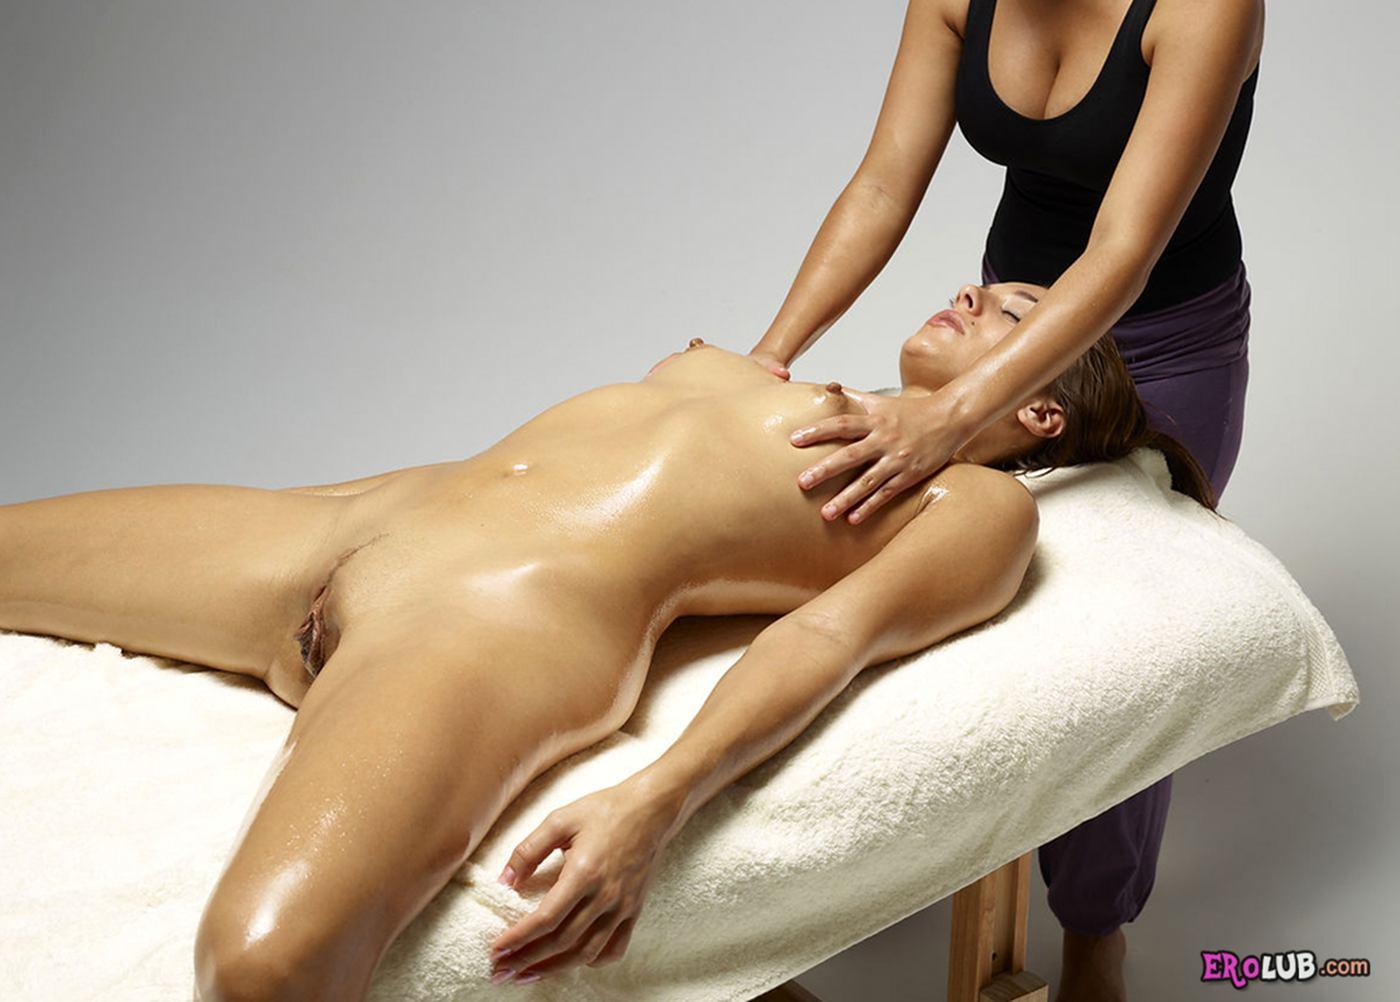 эрот массаж с маслом видео